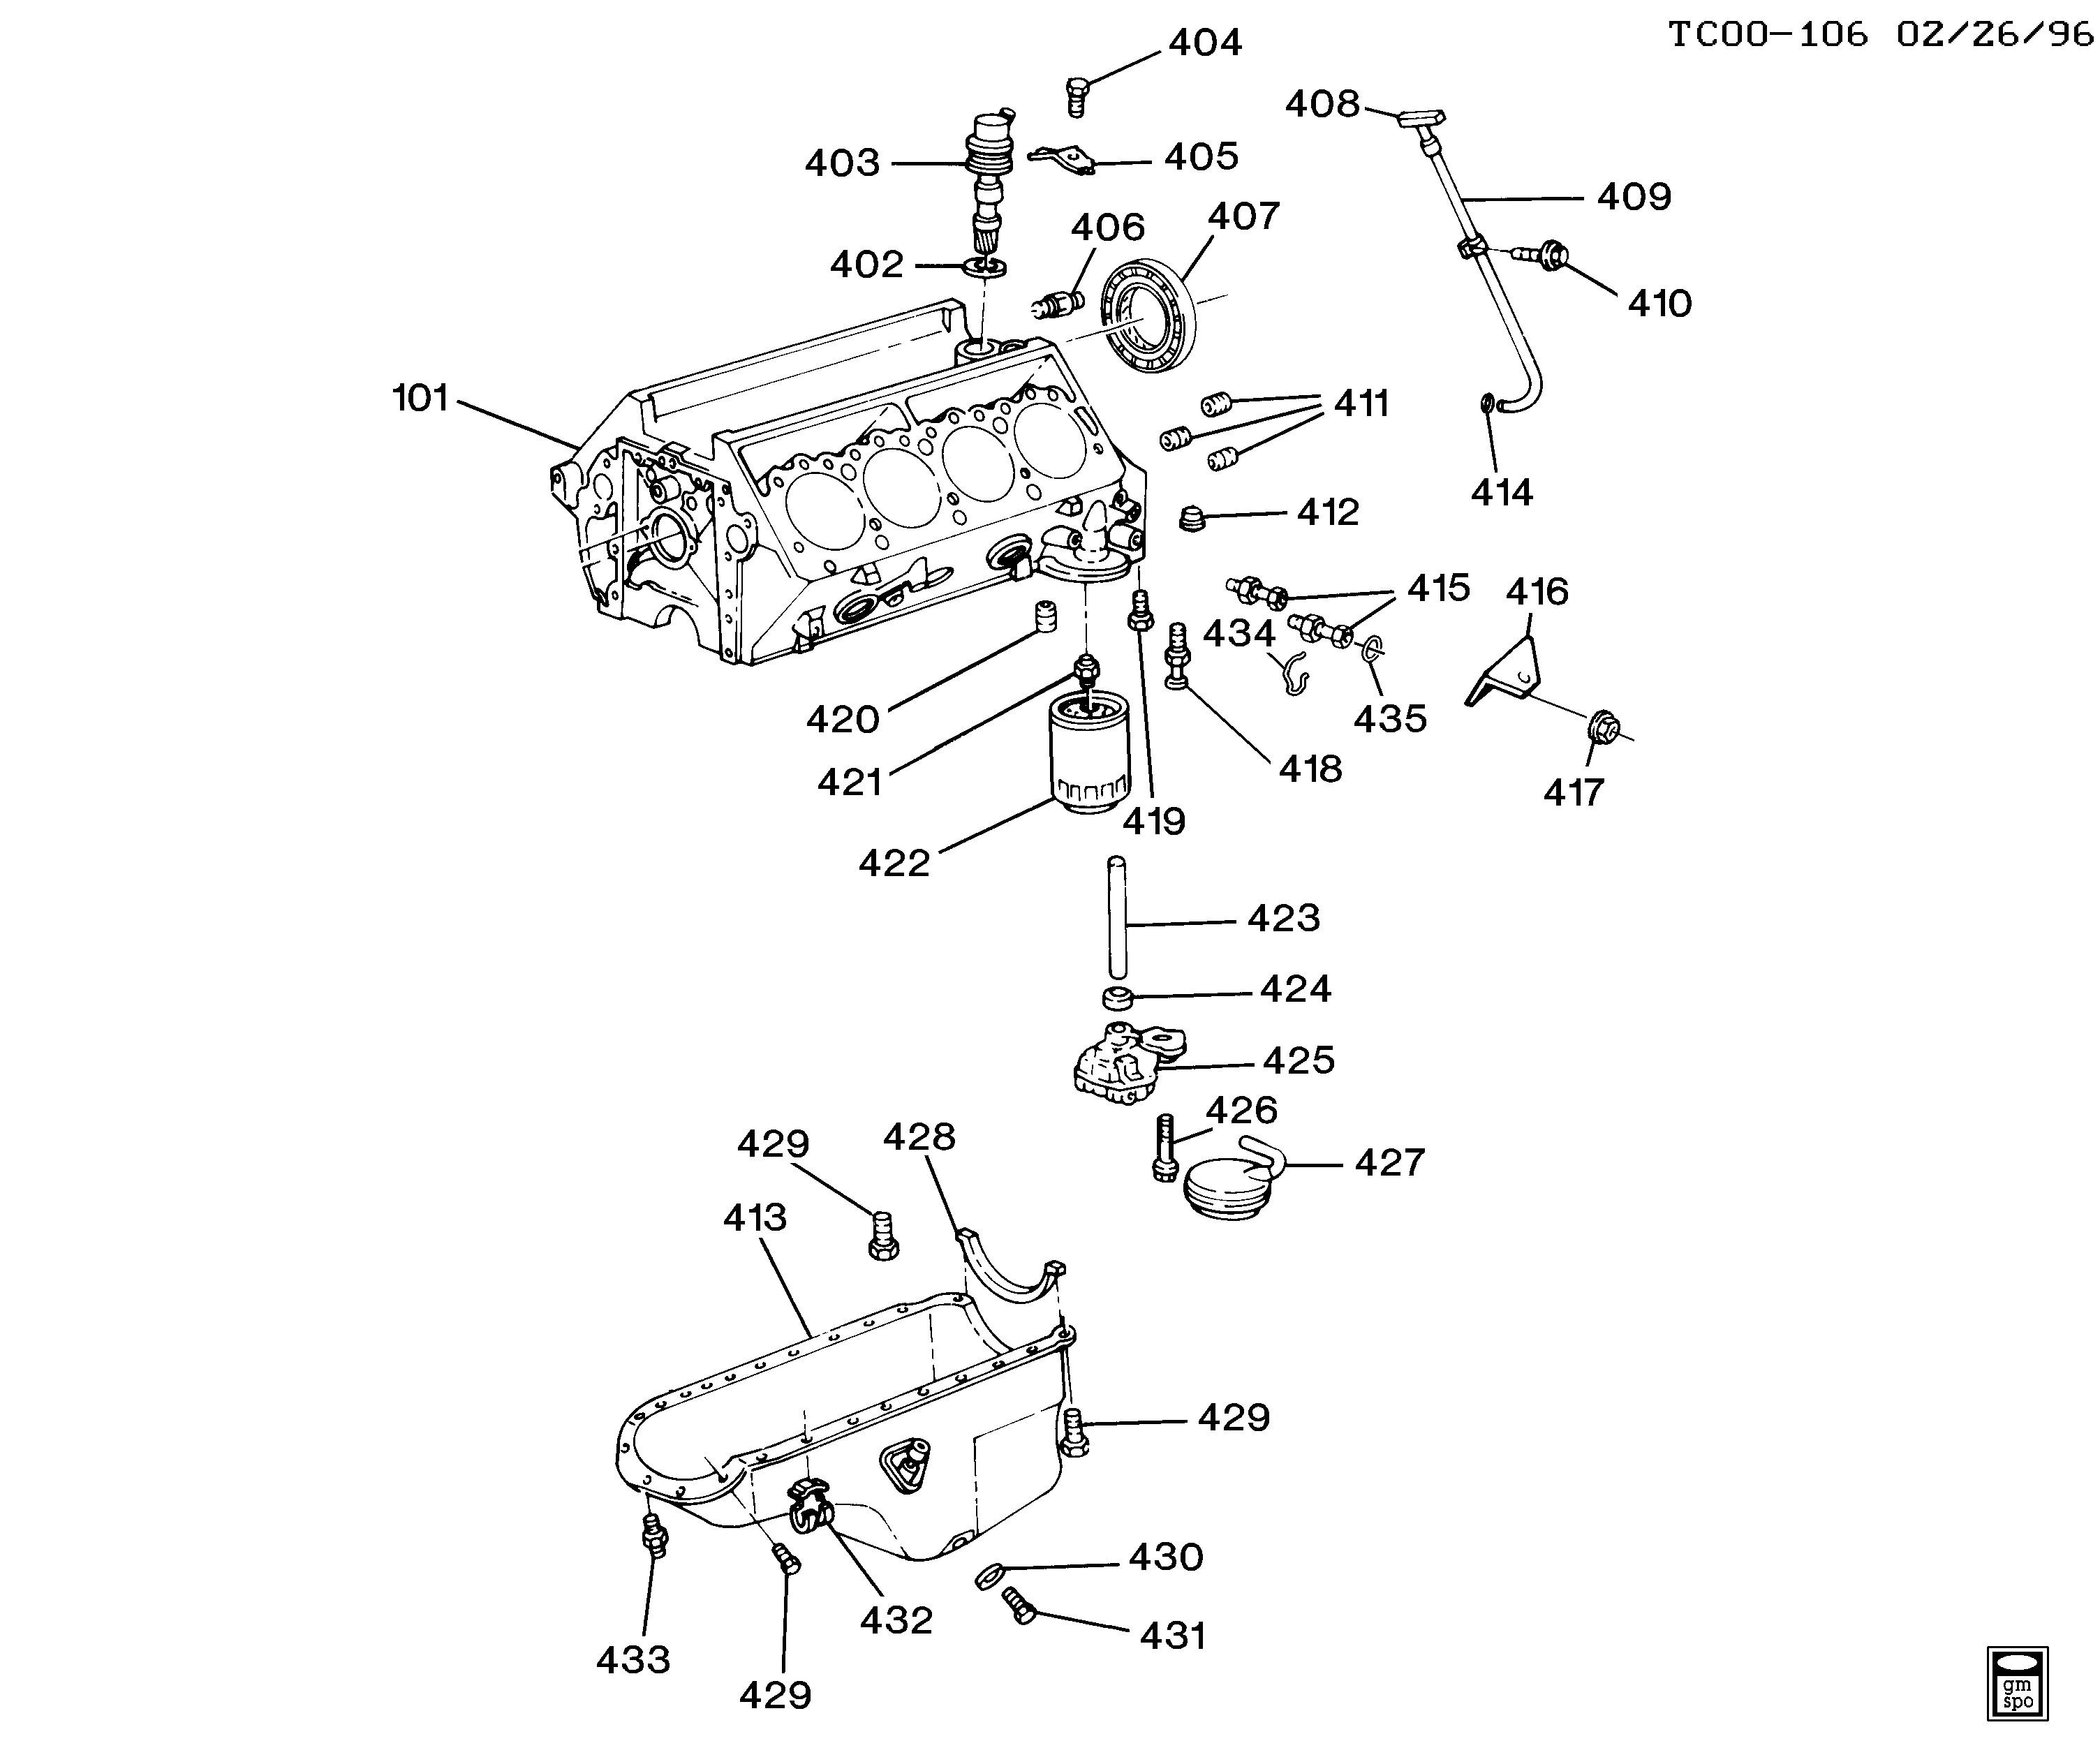 V8 Engine Parts Diagram Blazer 4wd Engine asm 6 5l V8 Sel Part 4 Oil Pump Pan & Of V8 Engine Parts Diagram